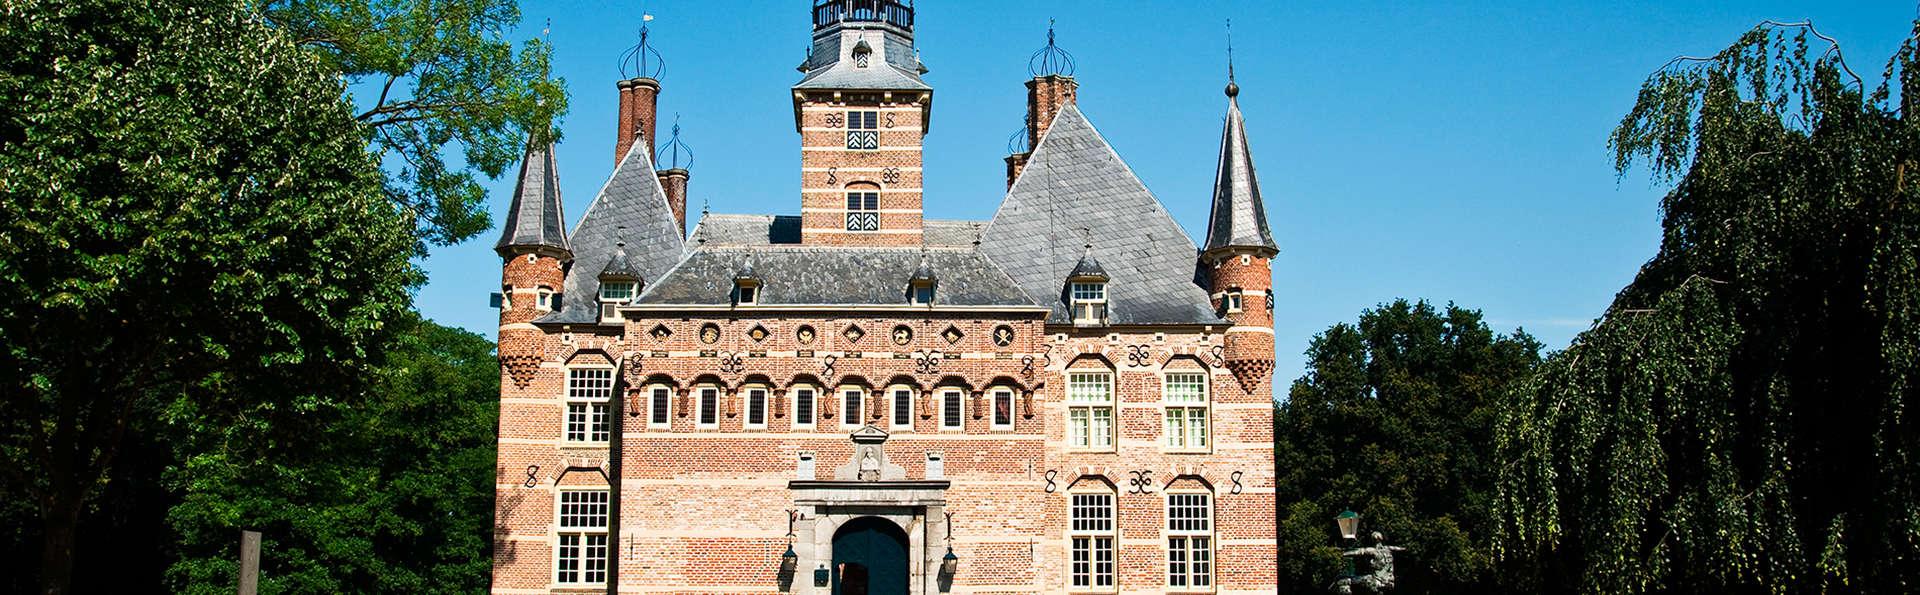 Week-end avec dîner dans la superbe région de Nijmegen (2 nuits)